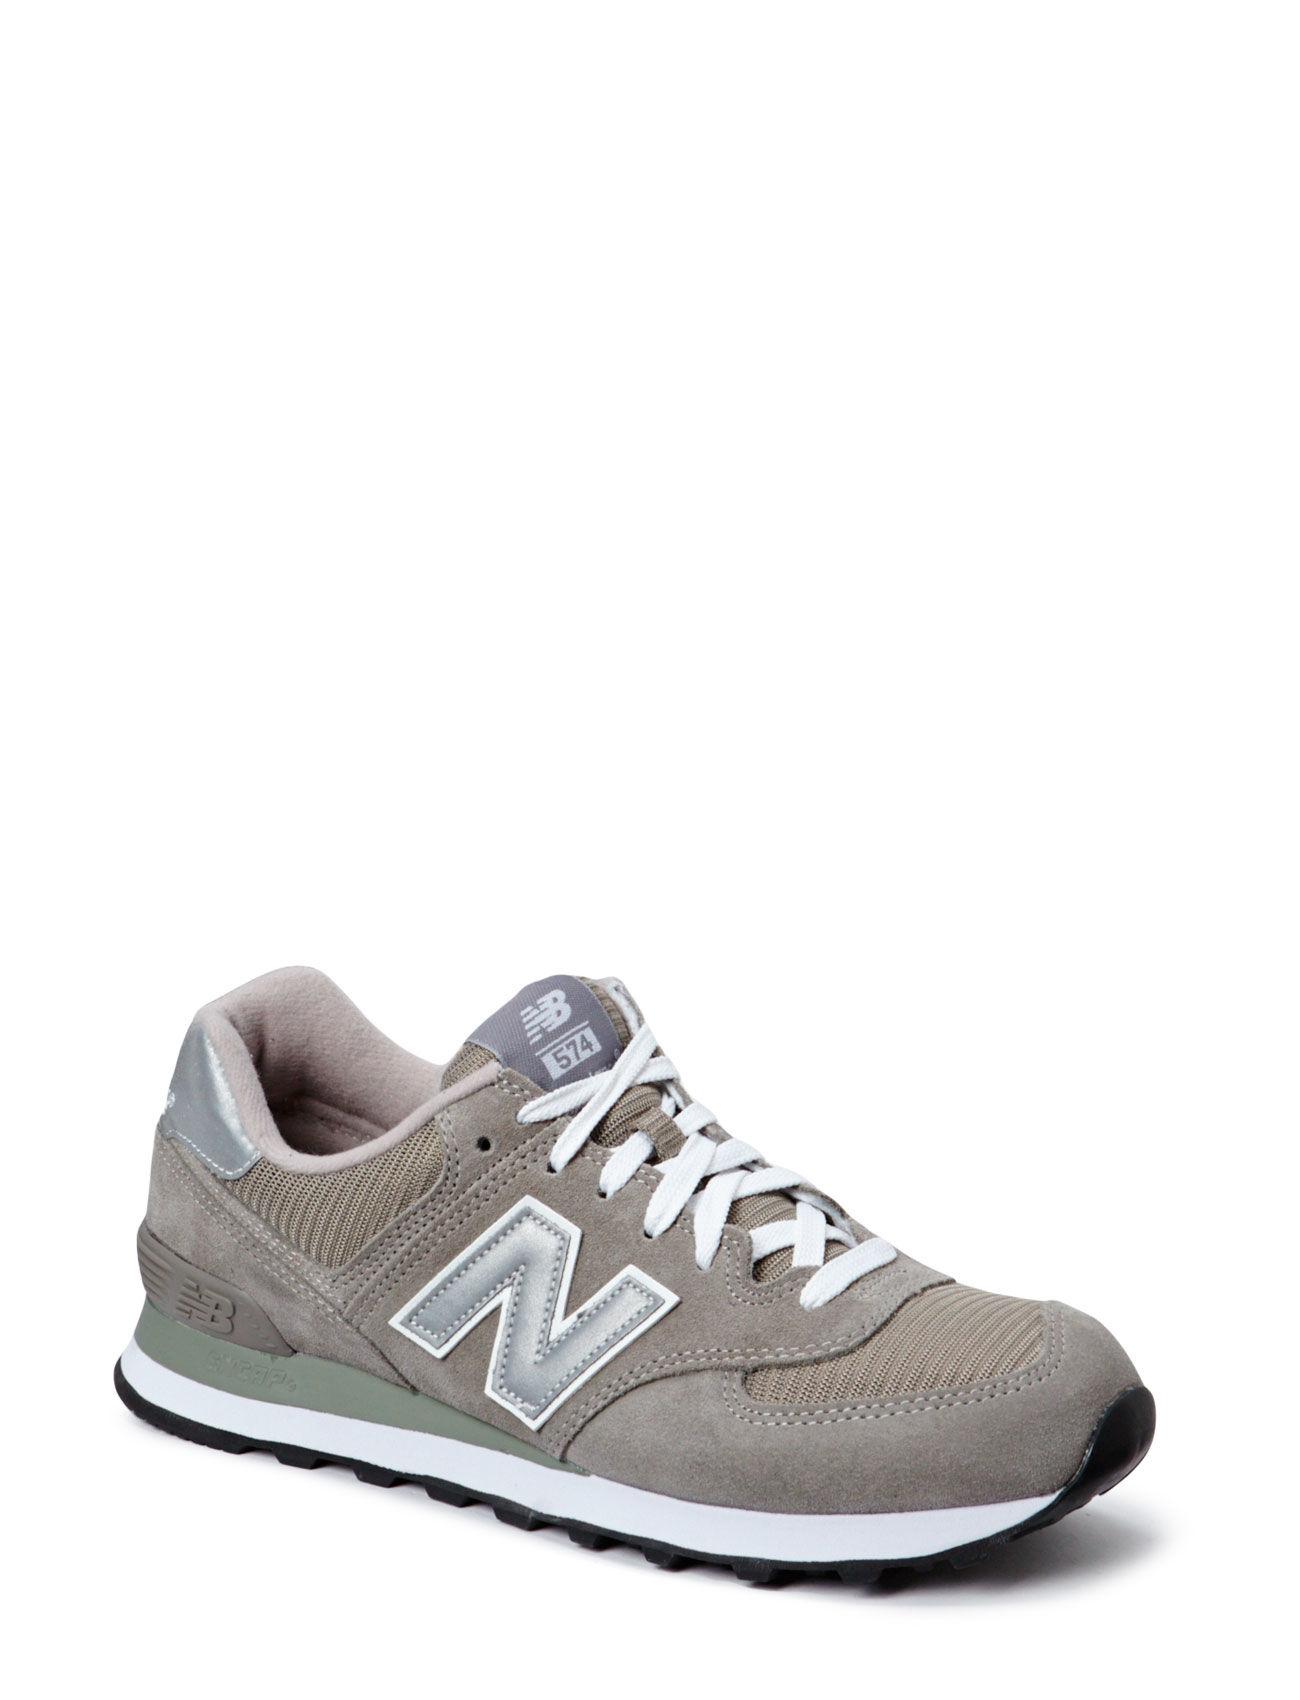 M574 New Balance Sneakers til Mænd i Grå